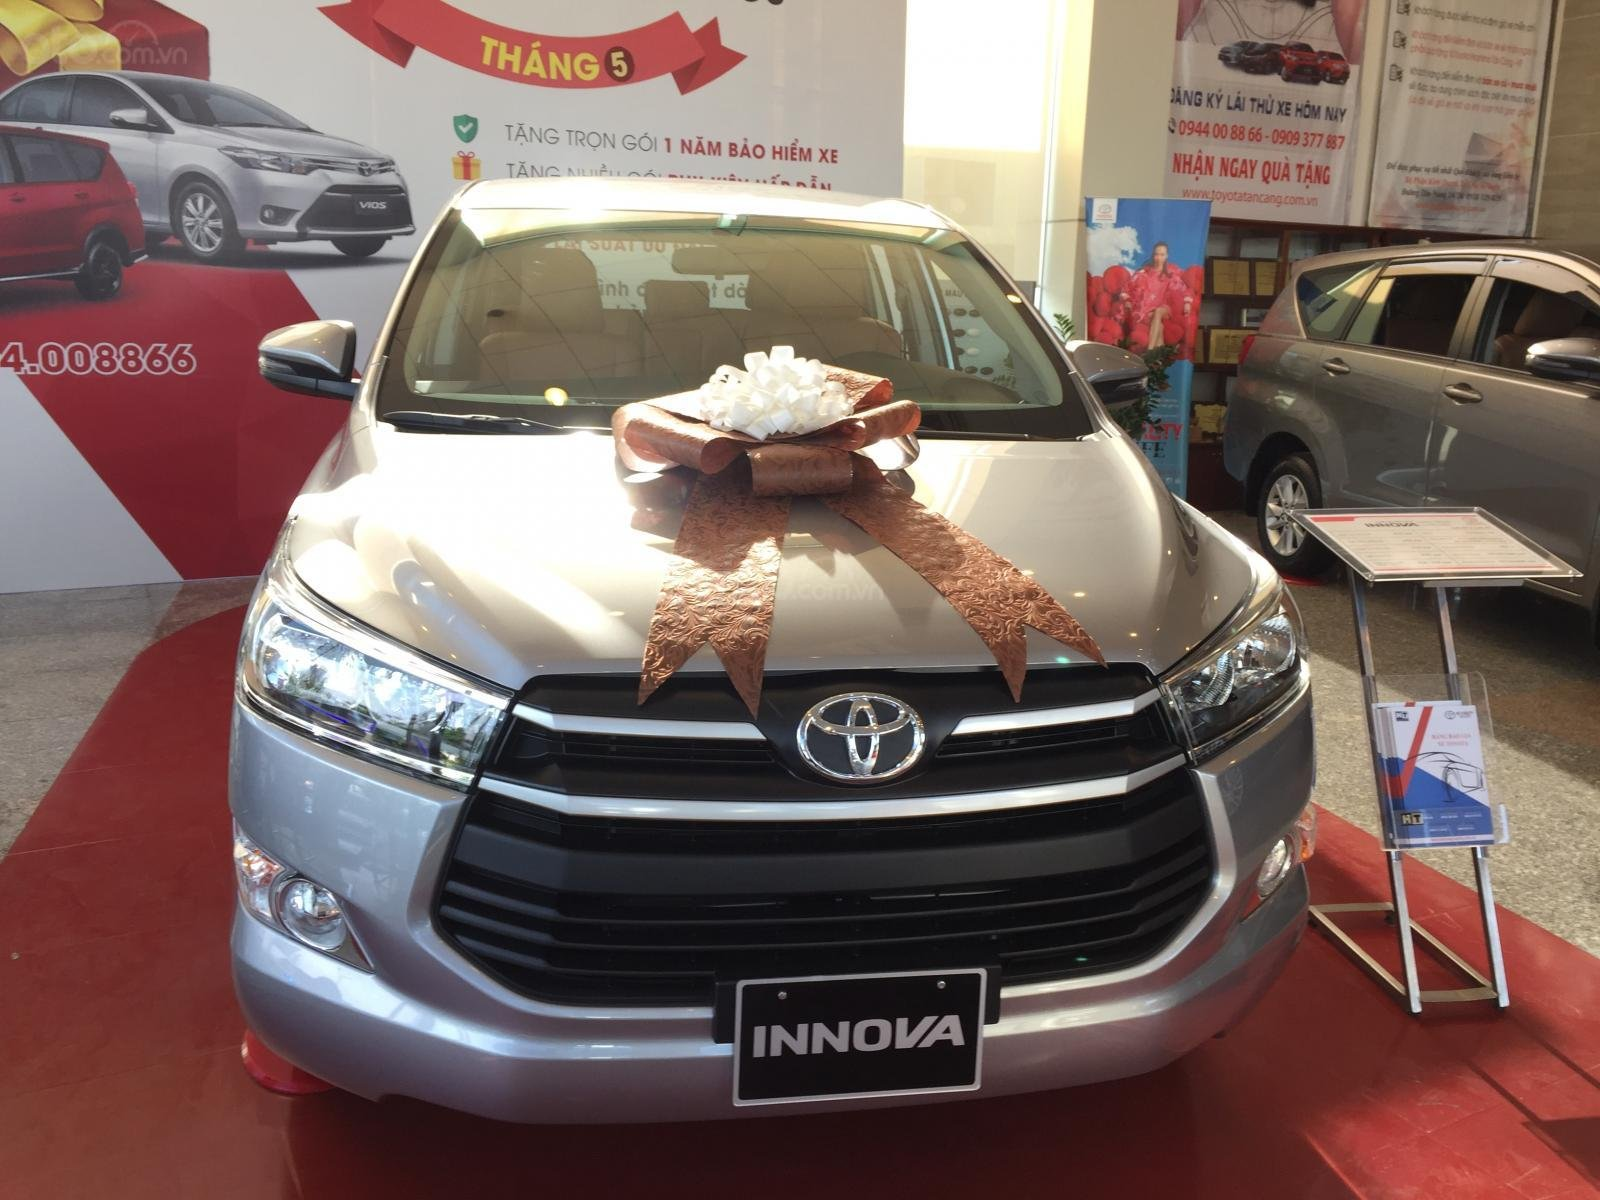 Toyota Tân Cảng bán Innova 2.0G AT 2020 mừng Tết Canh Tý bán giá cực kỳ hợp lý – xe đủ màu giao - LH 0901.92.33.99 (1)